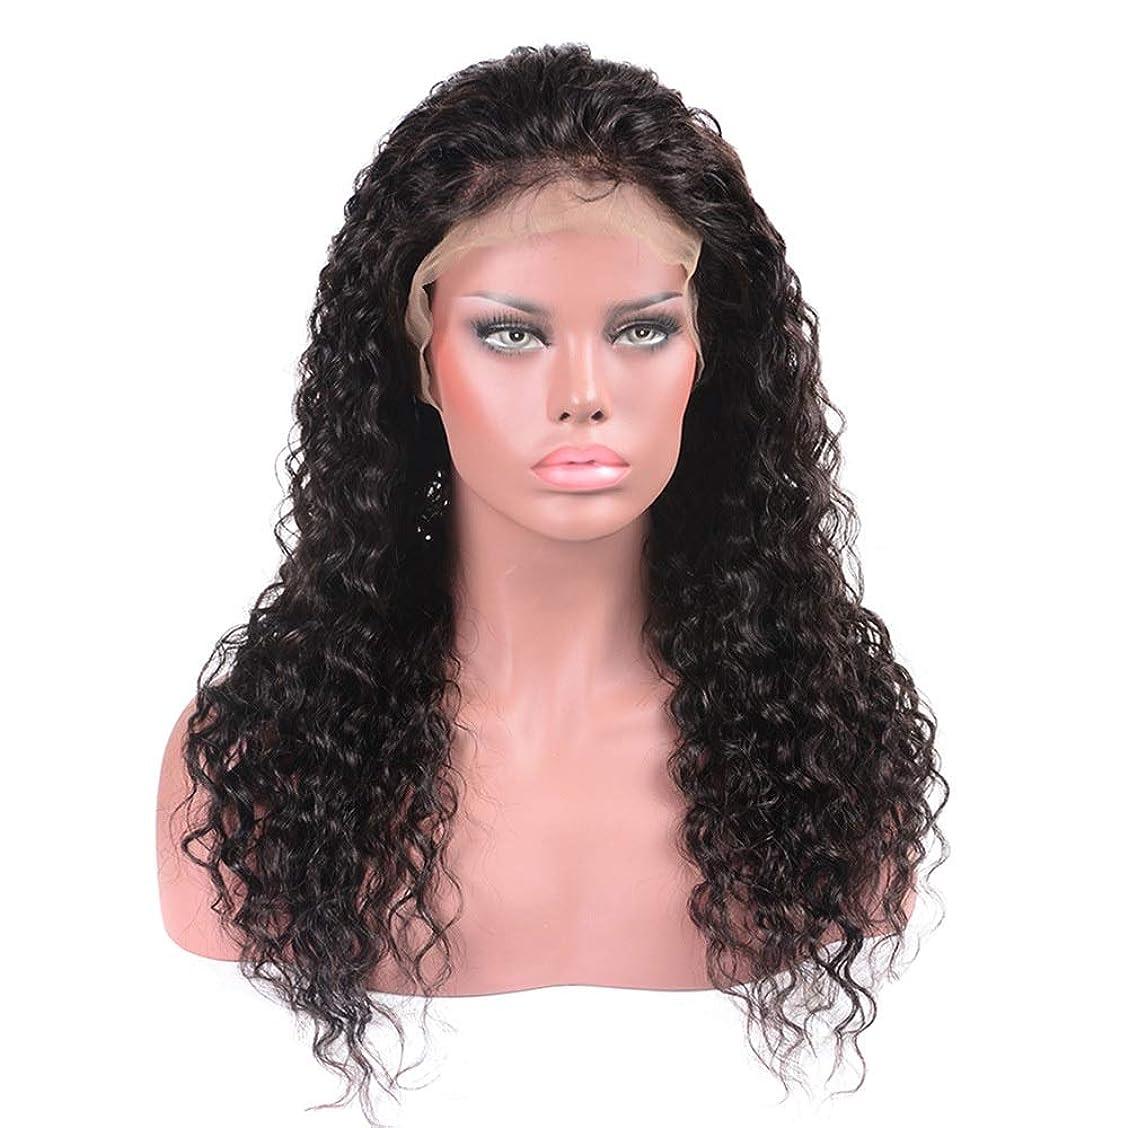 シェーバー同級生熱狂的なHOHYLLYA ブラジルの髪の水の波ロングカーリーウィッグ100%本物の人間の髪の毛のレースフロントかつら(8インチ - 22インチ)パーティーウィッグ (色 : 黒, サイズ : 22 inch)